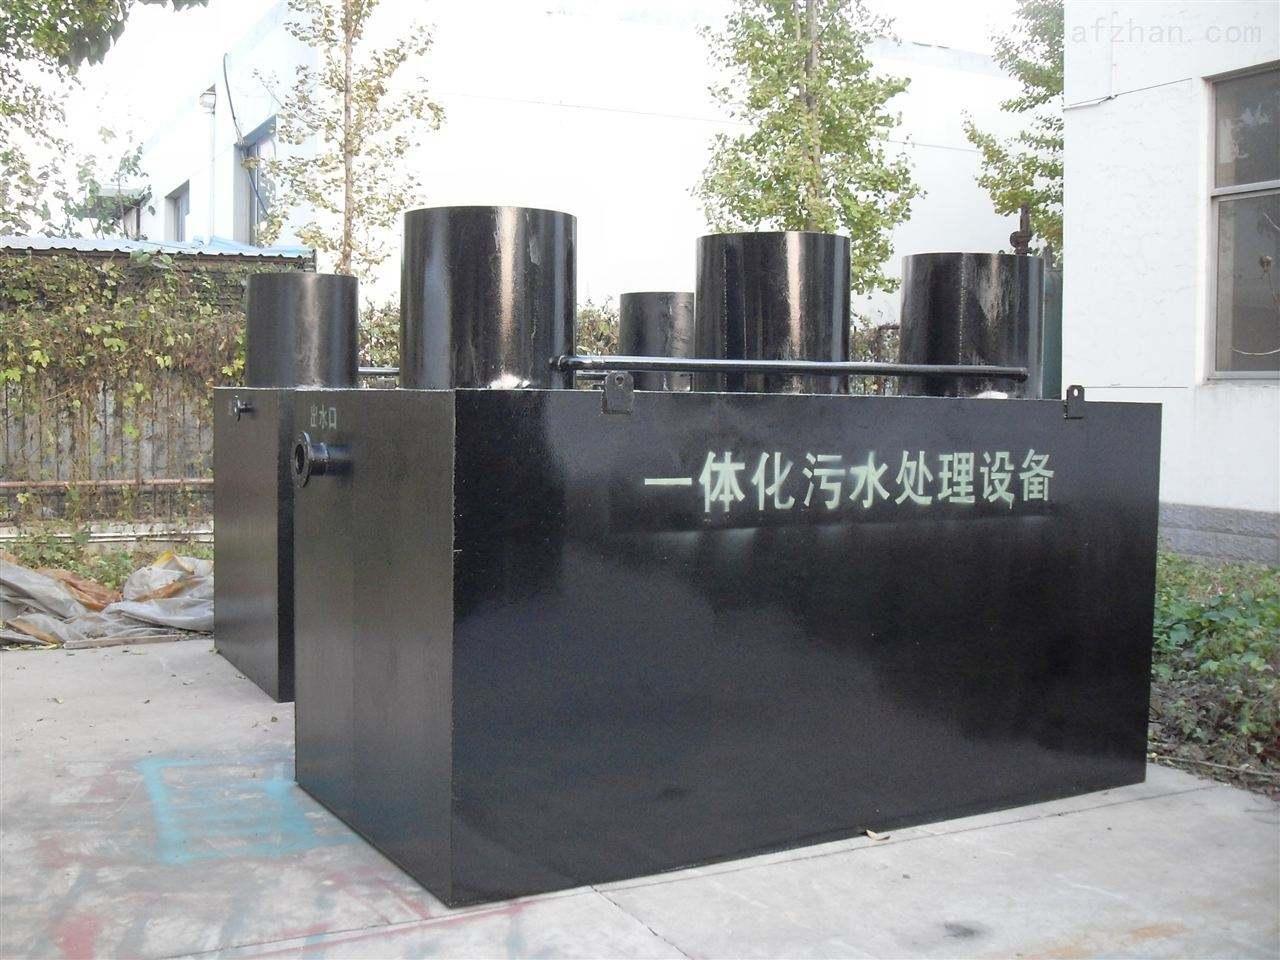 锦州生活污水处理设备 <br> 全新  价格:89500 <br> <img src=http://k.kqzp.cn/img/up/img/5da16166203c1.jpg